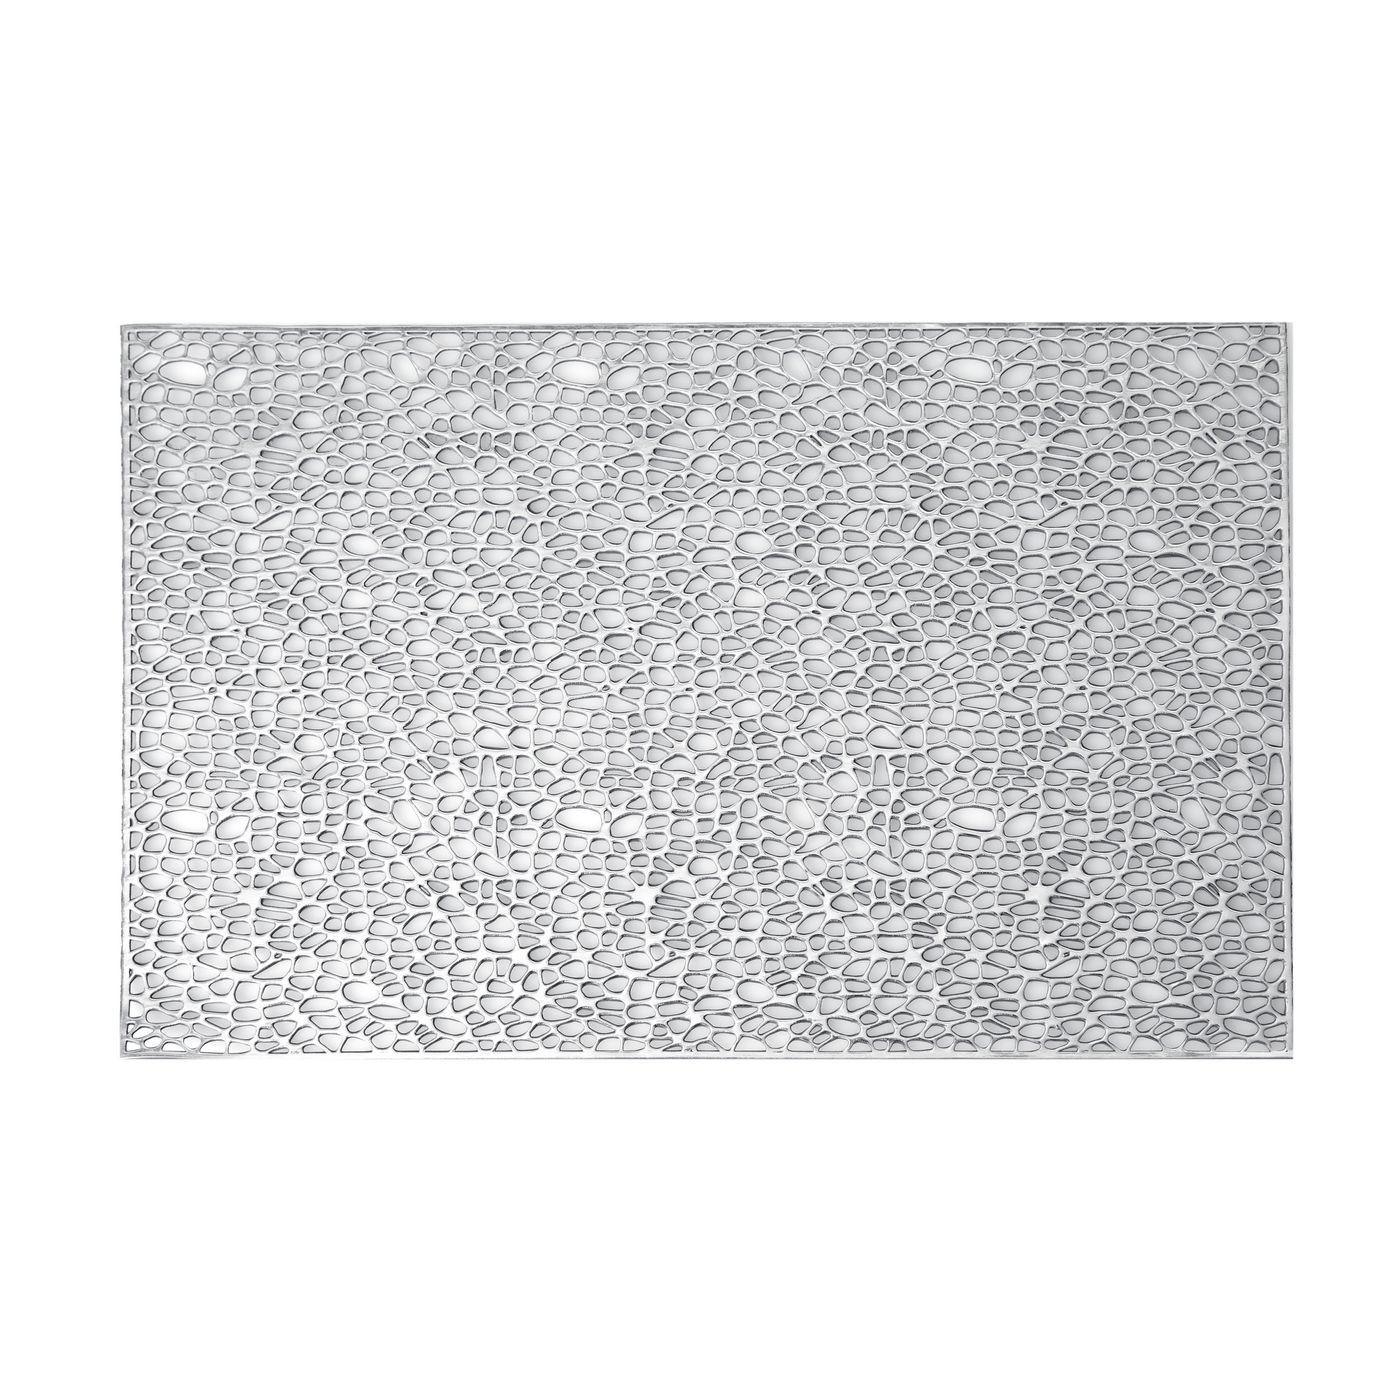 Srebrna ażurowa podkładka stołowa 46x30,5 cm